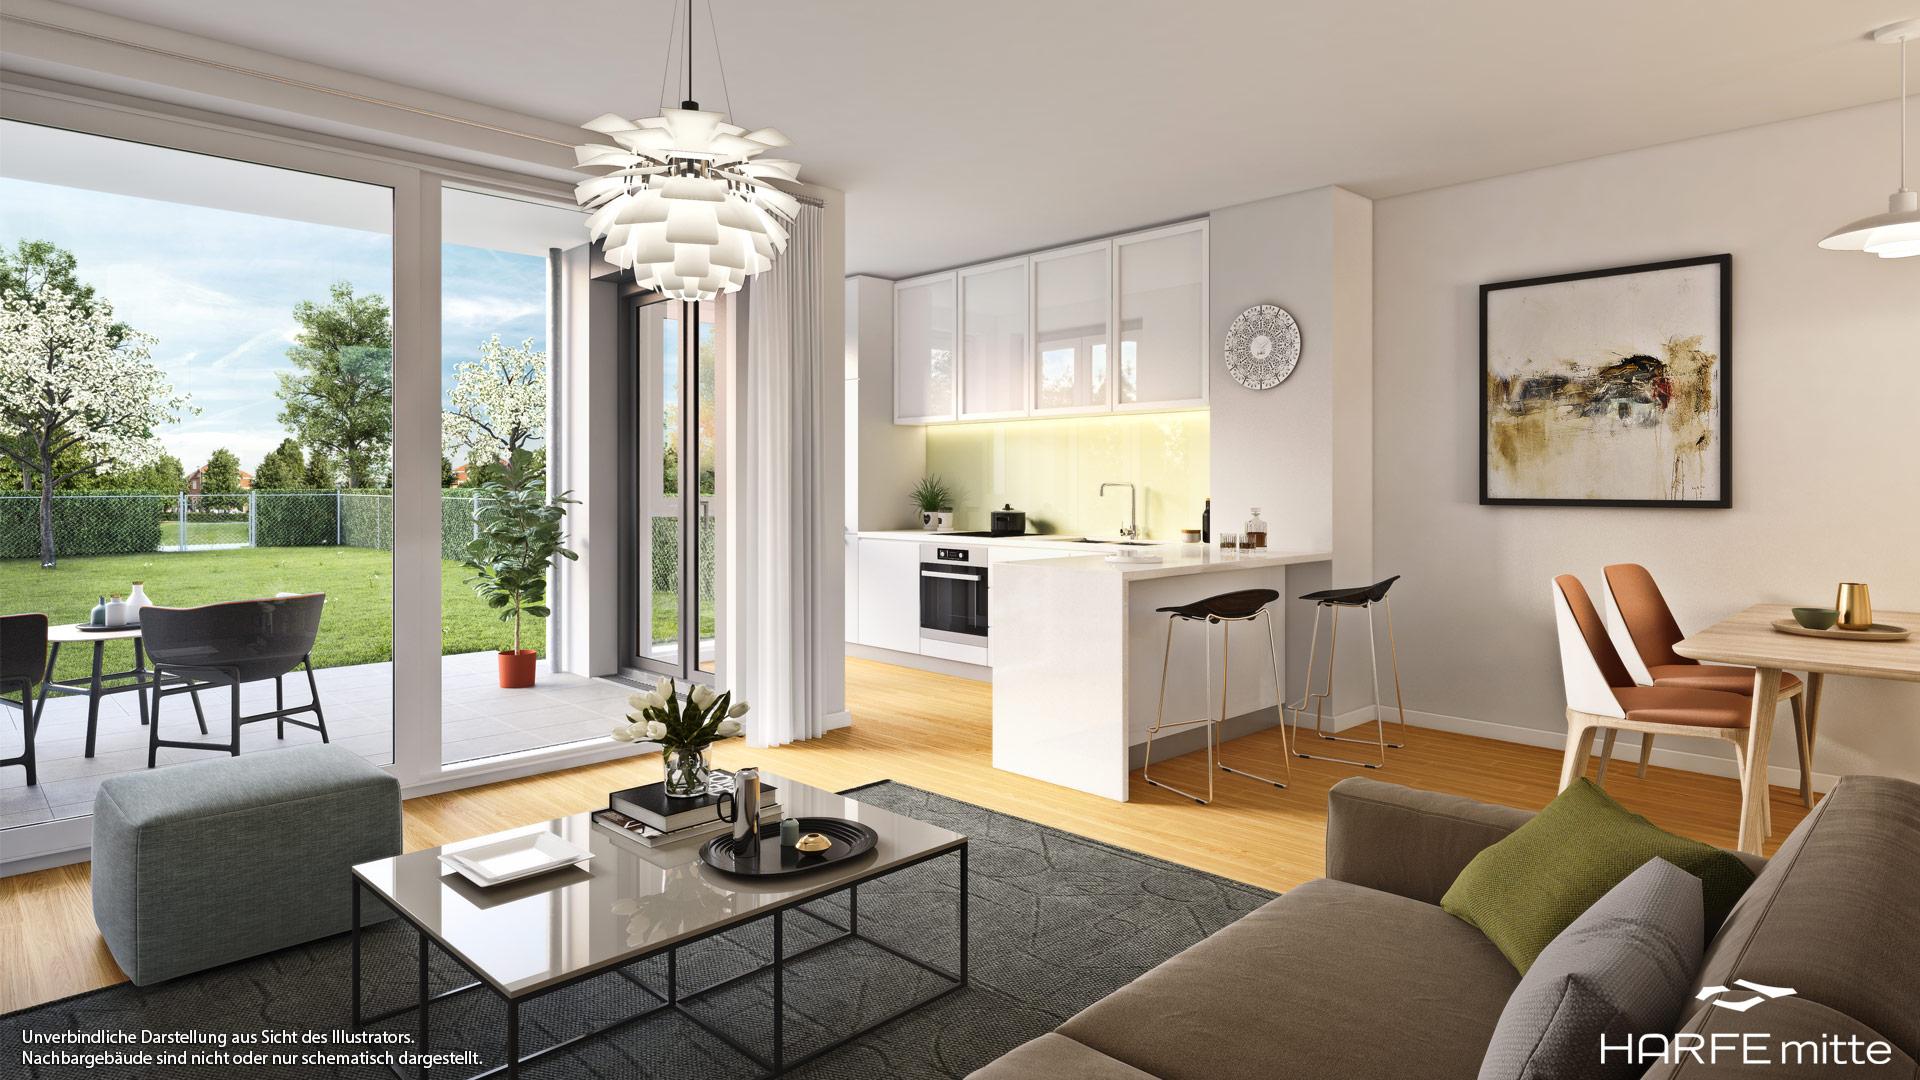 Immobilie HARFE mitte - Beispielillustration Wohnzimmer 1